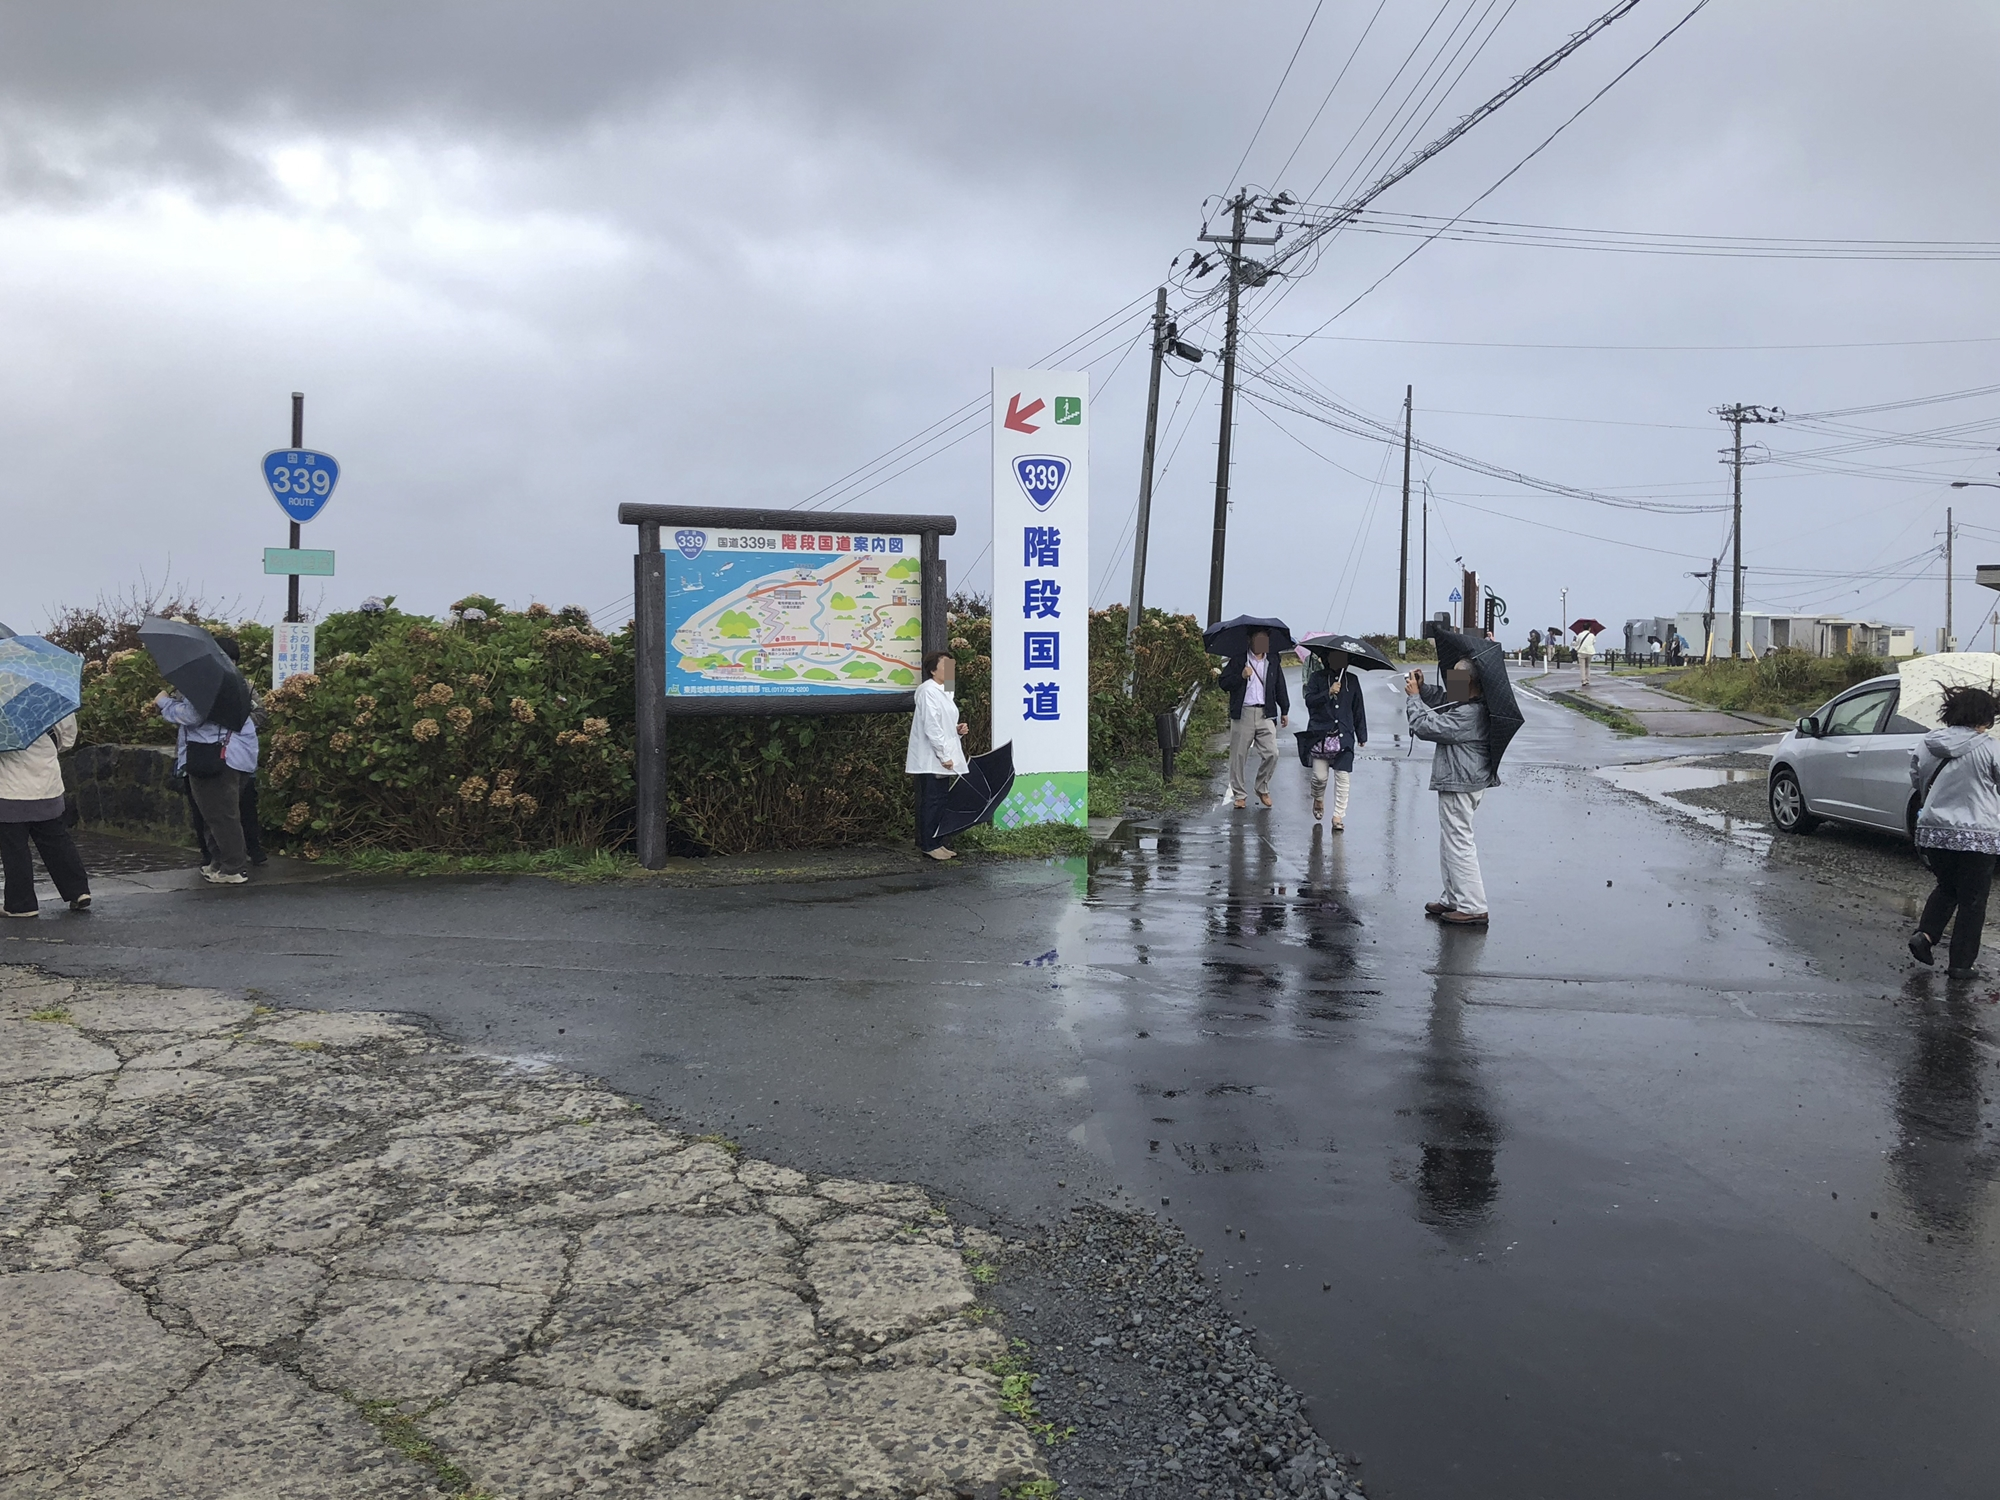 f:id:mitatowa:20181005185616j:plain